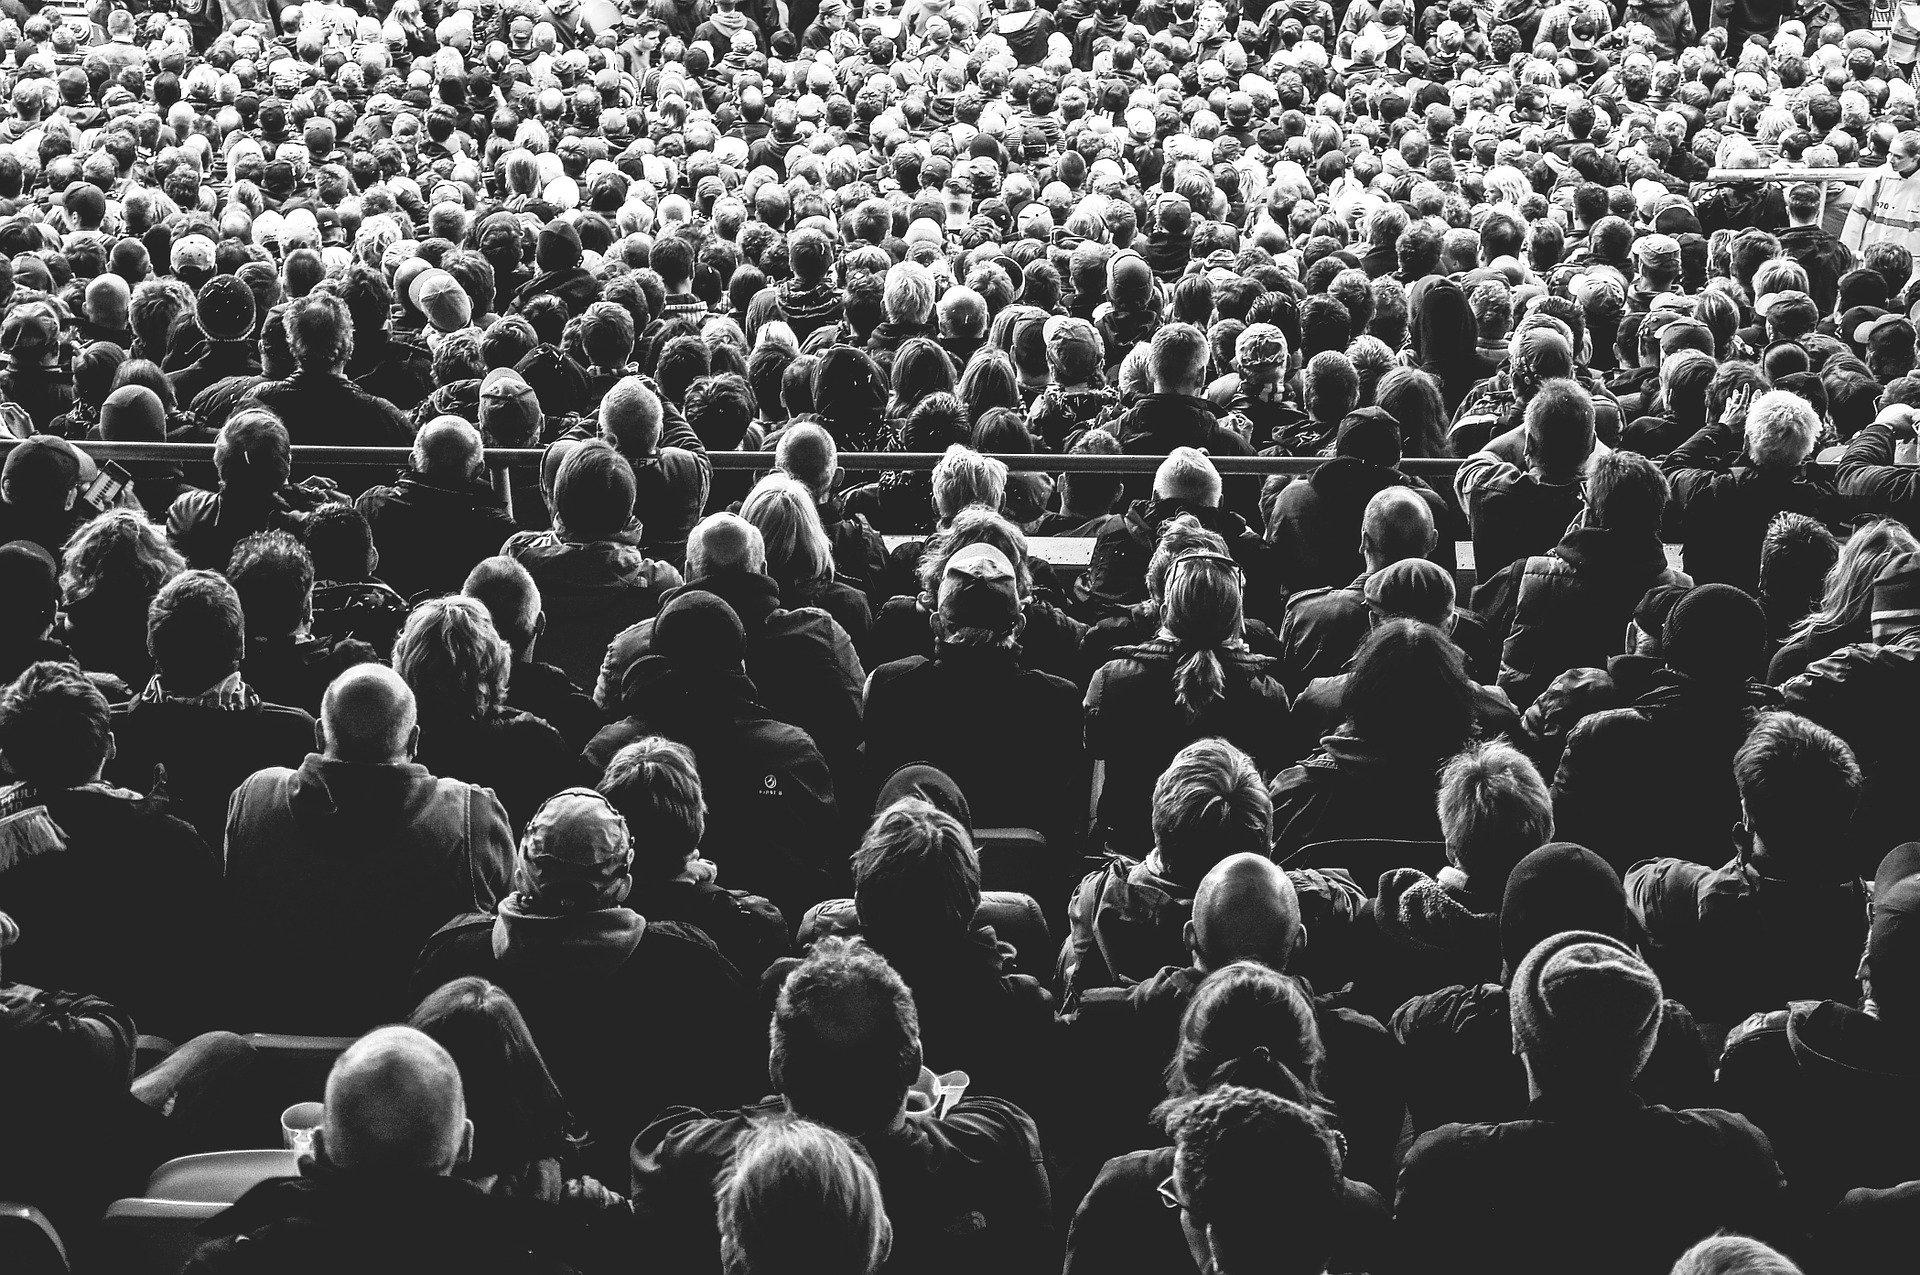 Hoy os hablamos de las audiencias de Facebook, tanto las personalizadas como los lookalike o similares